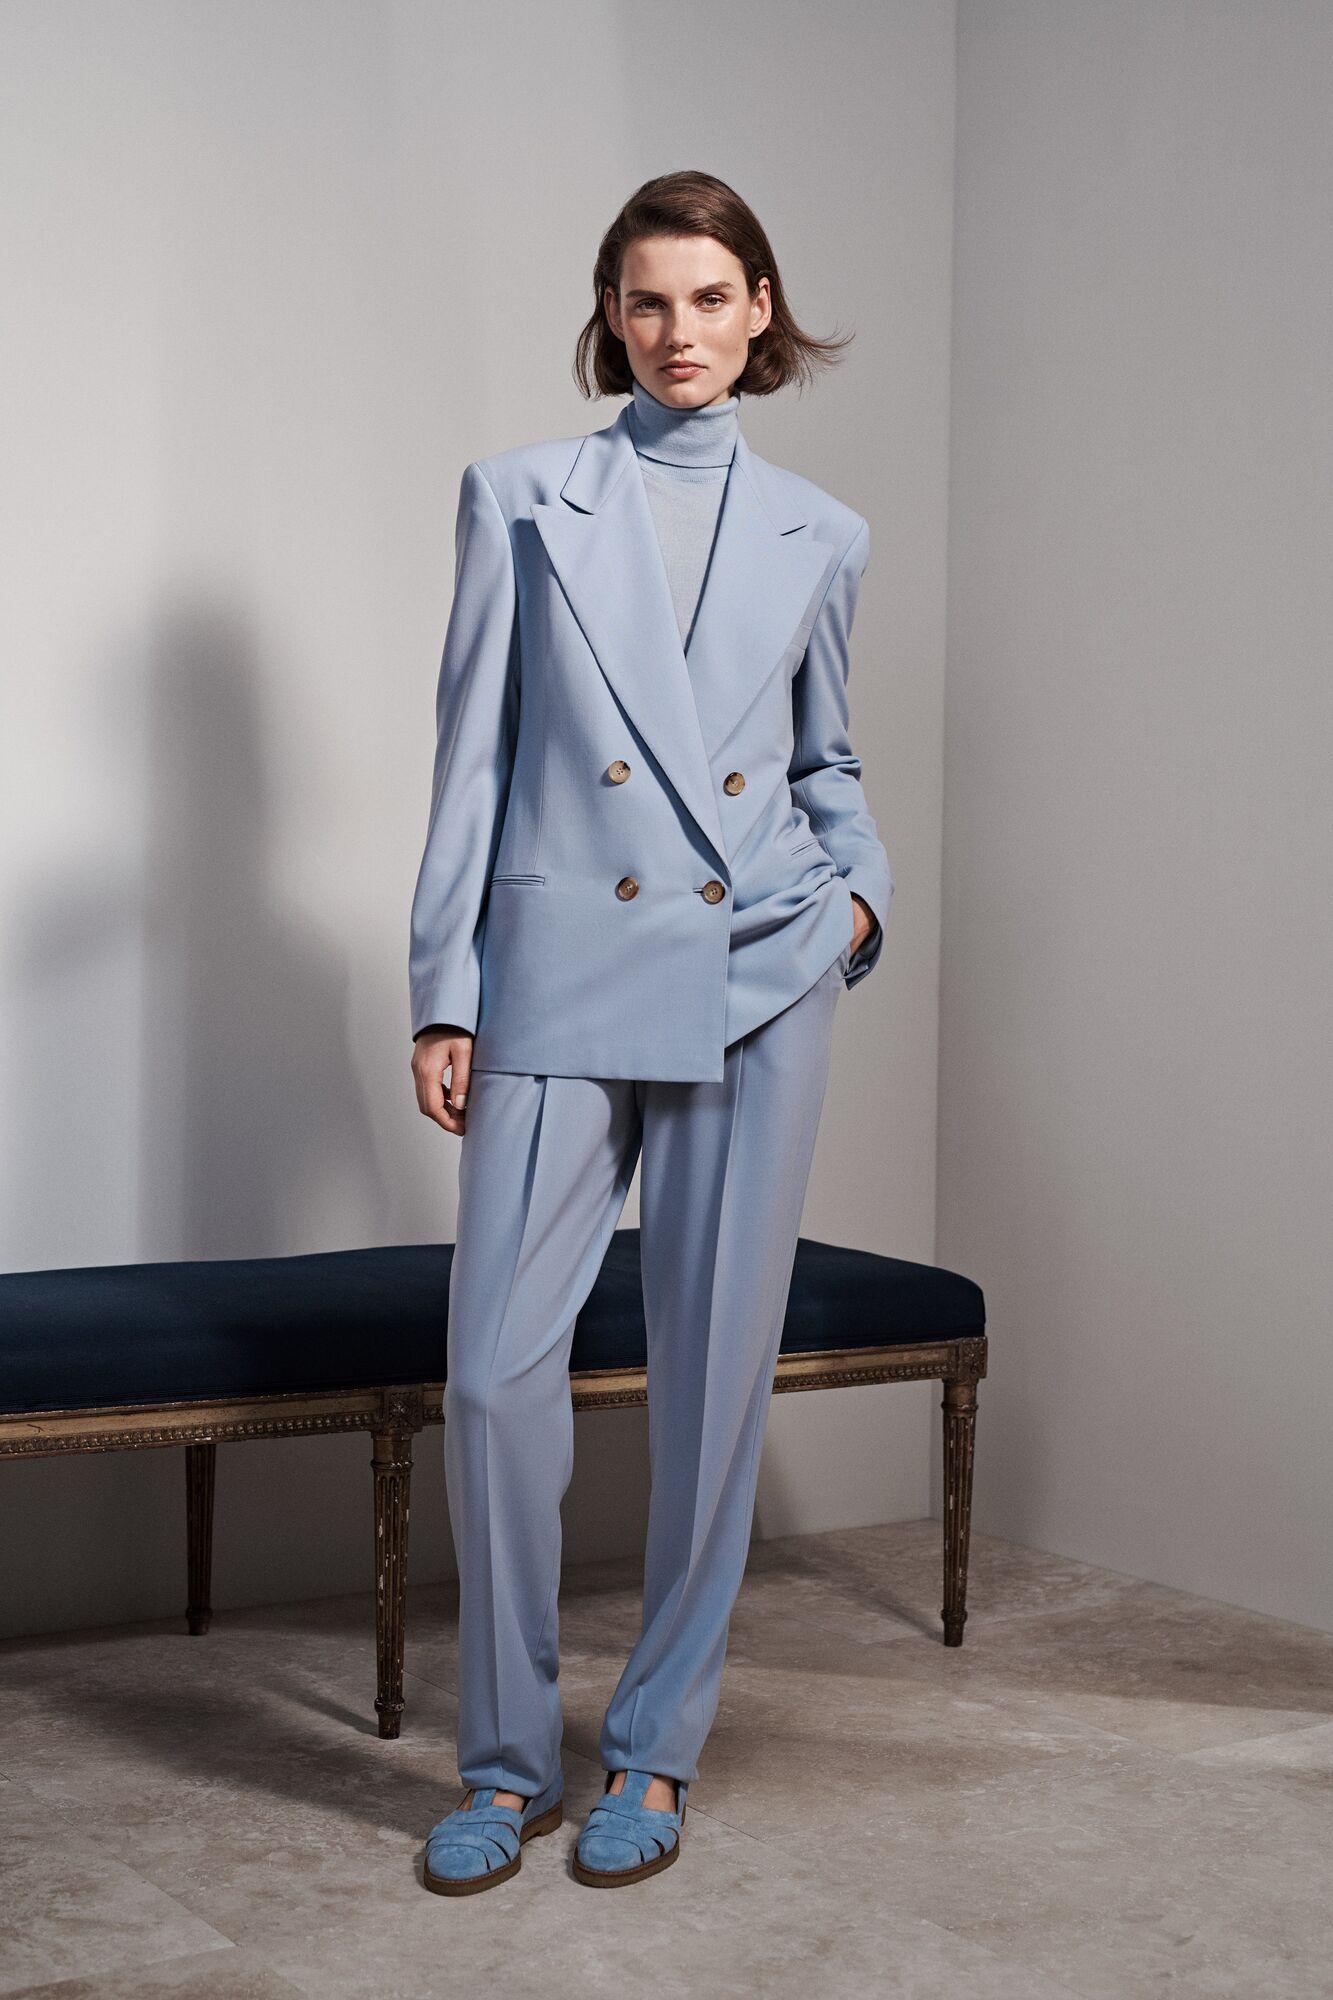 Тренди 2019: стильна колекція Ральфа Лорена